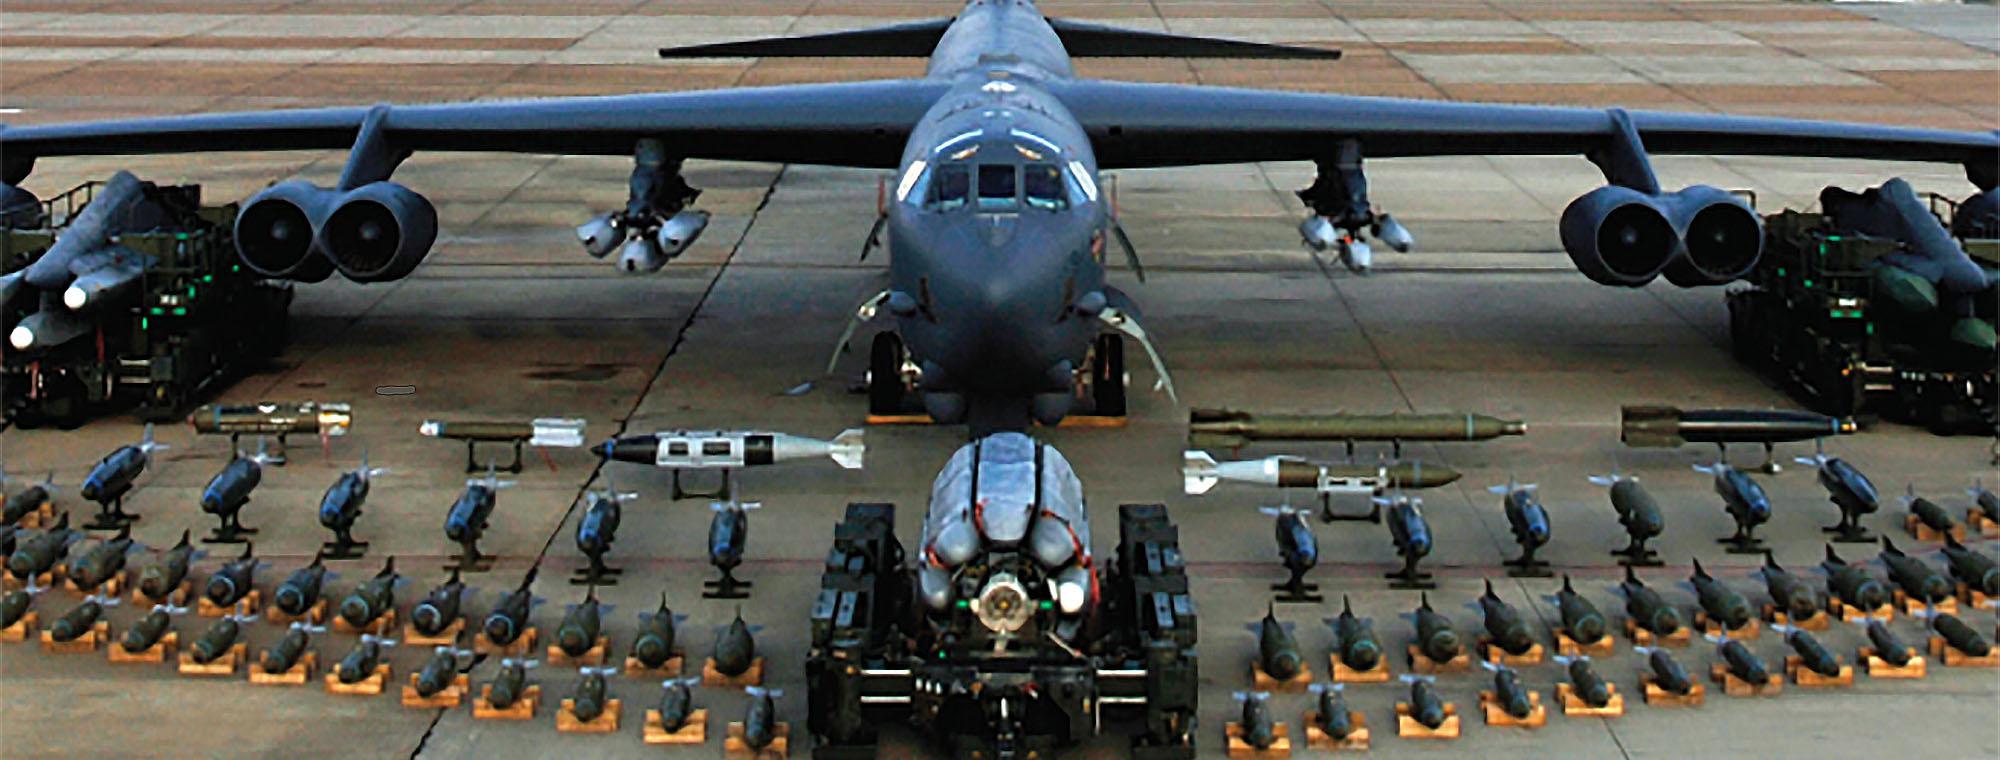 Quân sự - Nguy cơ chạy đua hạt nhân Mỹ-Nga nếu Hiệp định INF sụp đổ (Hình 2).